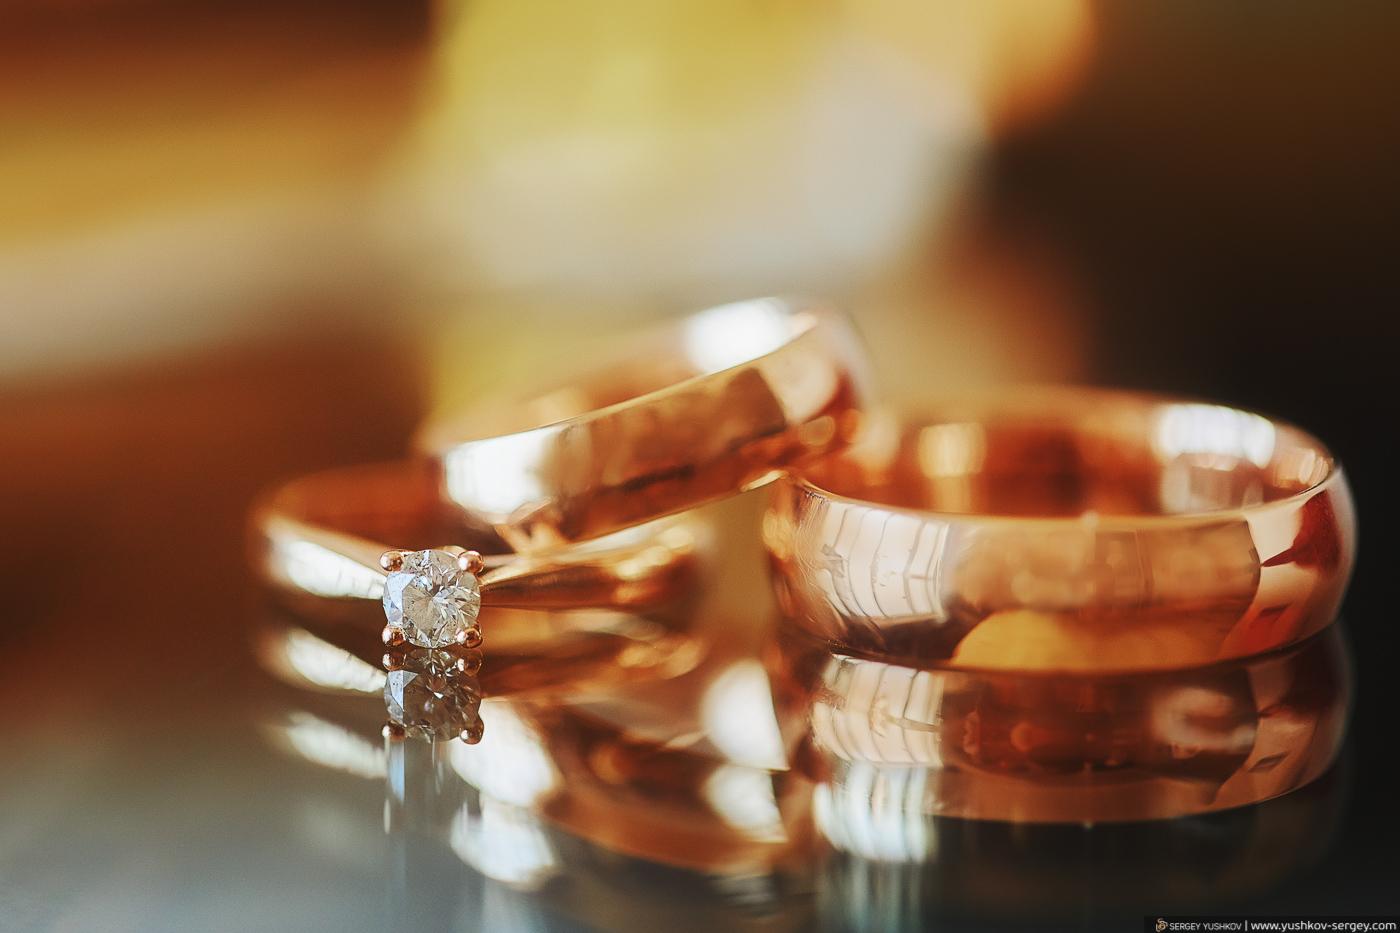 Свадьба для двоих в Крыму. Свадебный фотограф Сергей Юшков - Крым, Севастополь, Ялта.